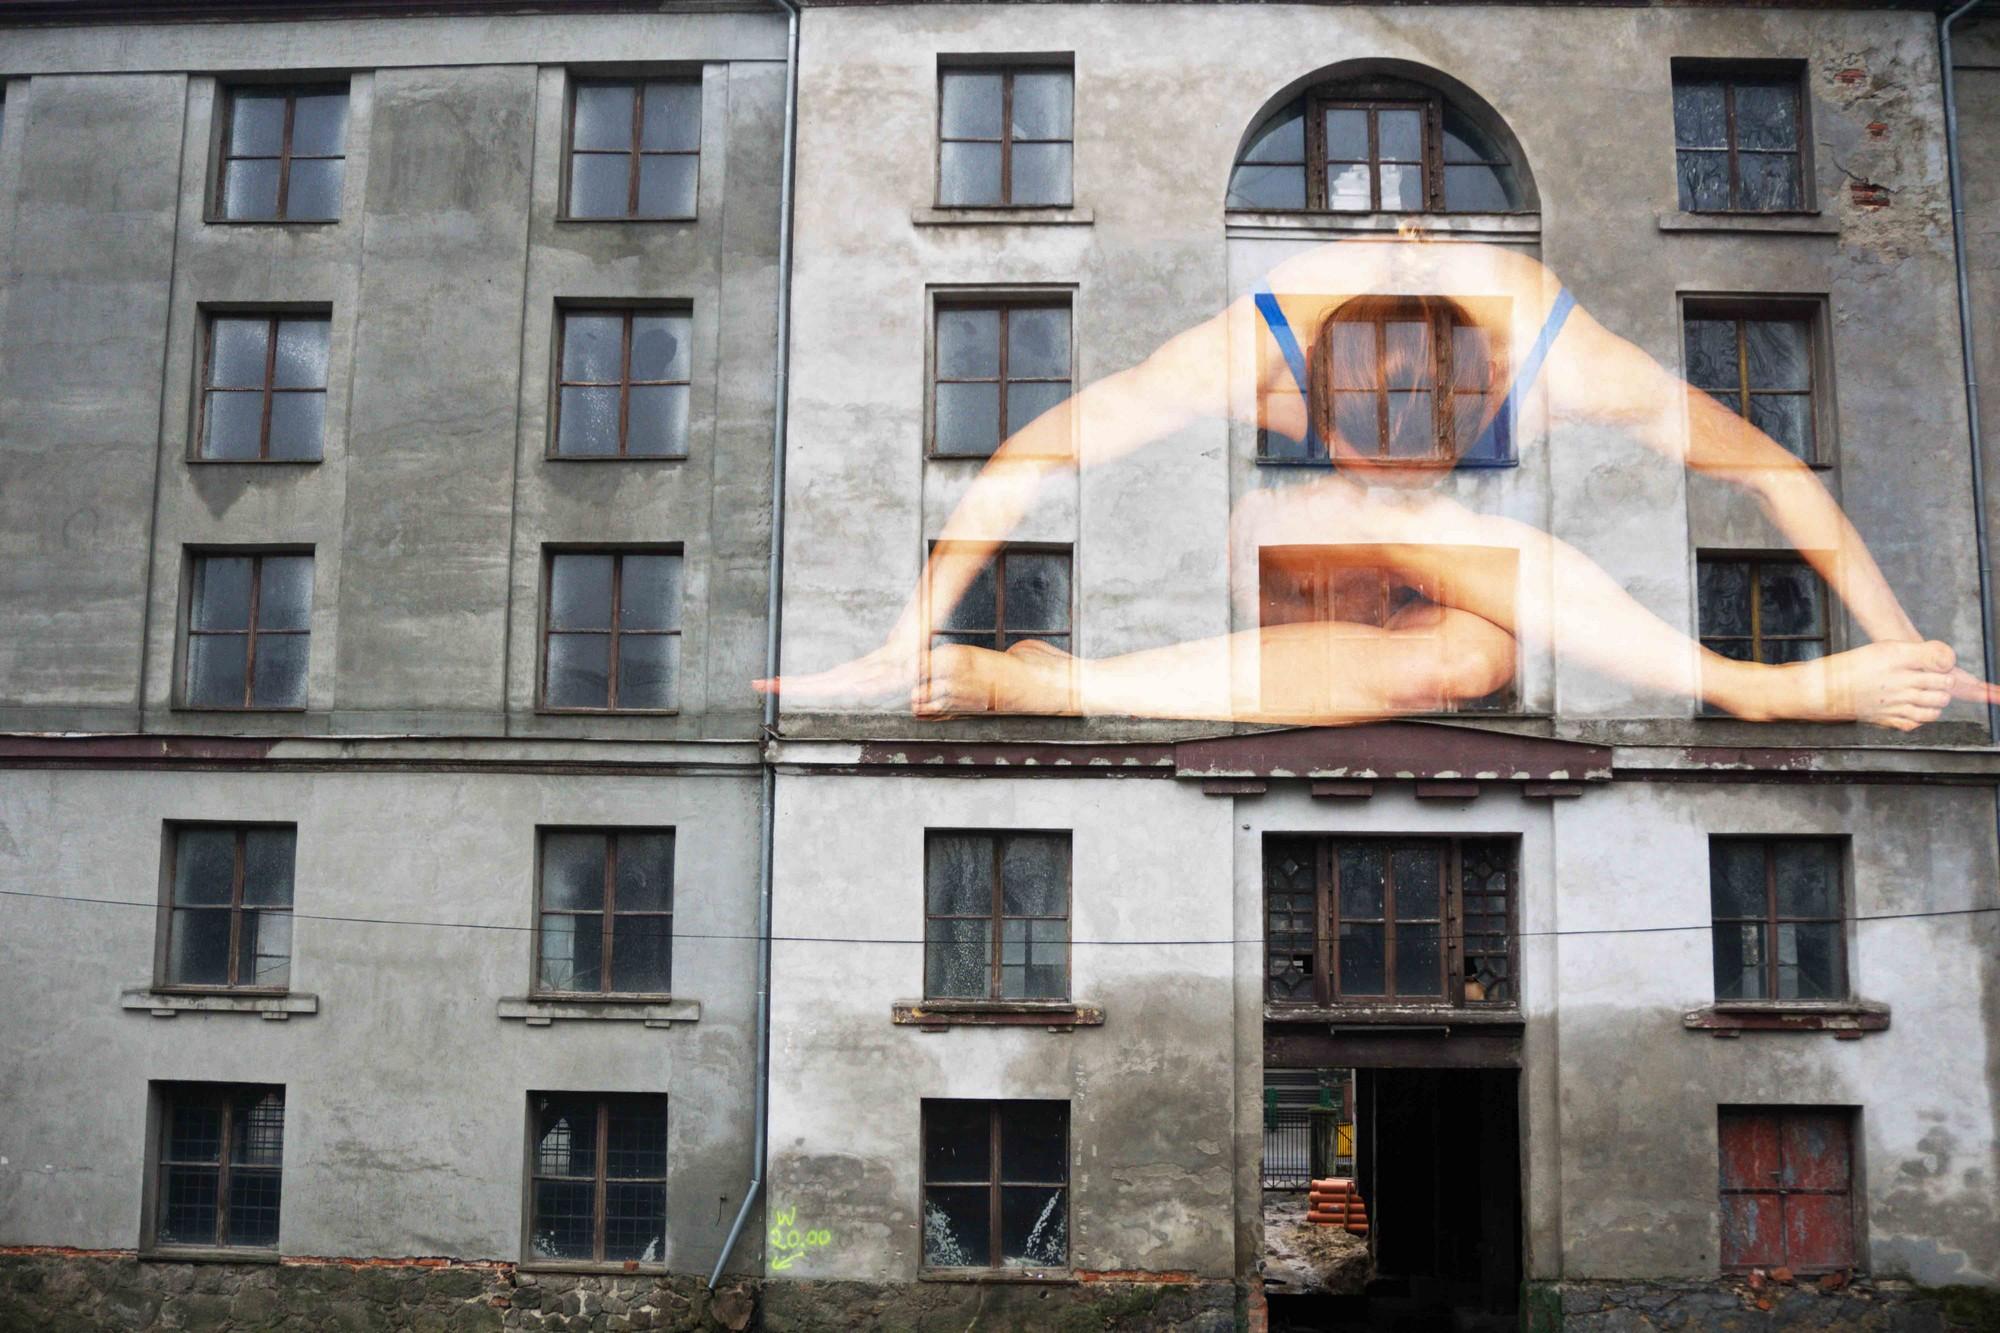 Alina Belyagina. Body Building, fot. Dymitry Pankov (źródło: materiały prasowe organizatora)